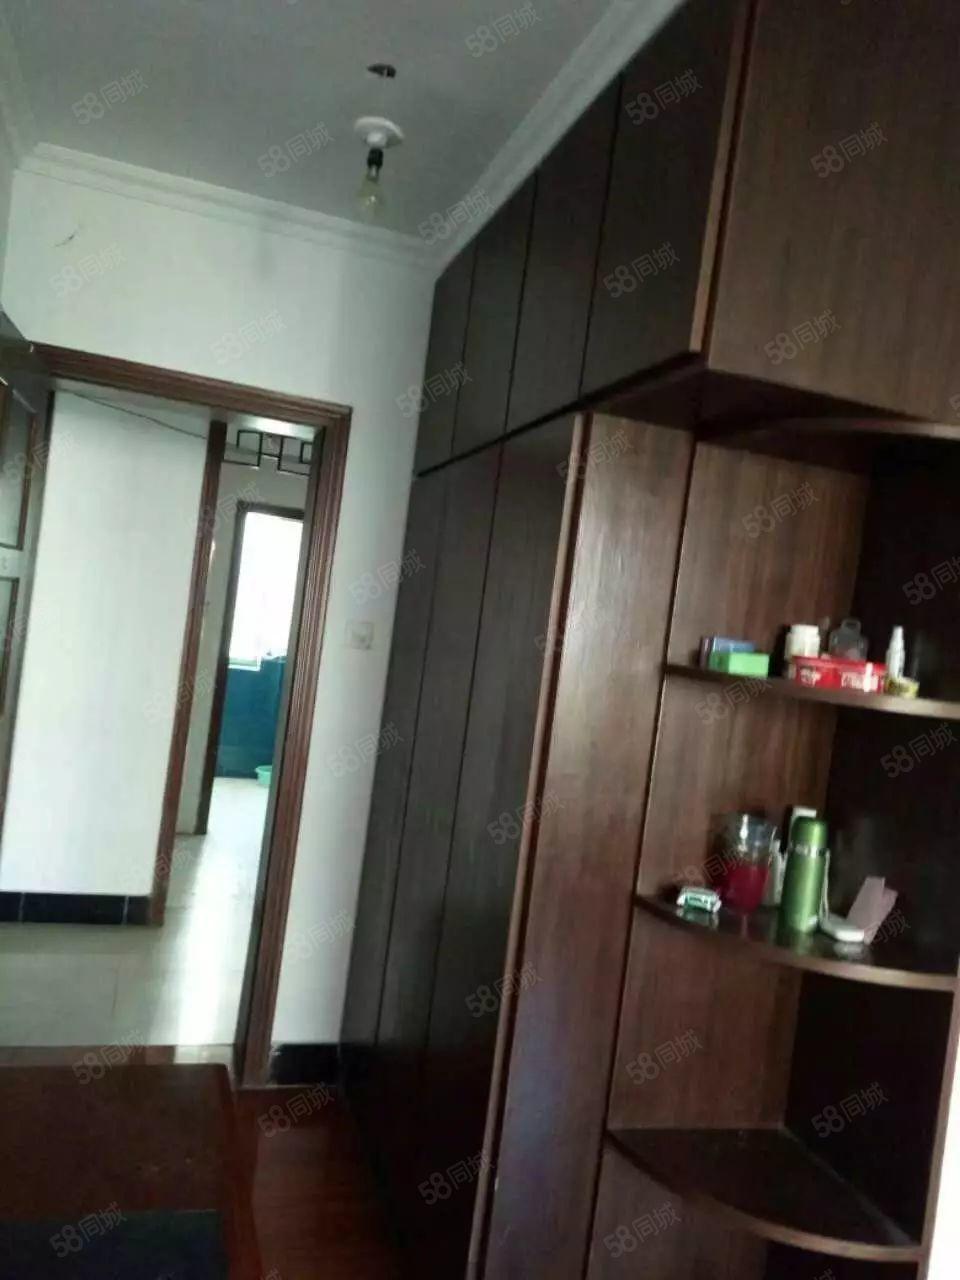 美高梅注册四季阳光城3室2厅107平简装修6楼楼梯房7000一年